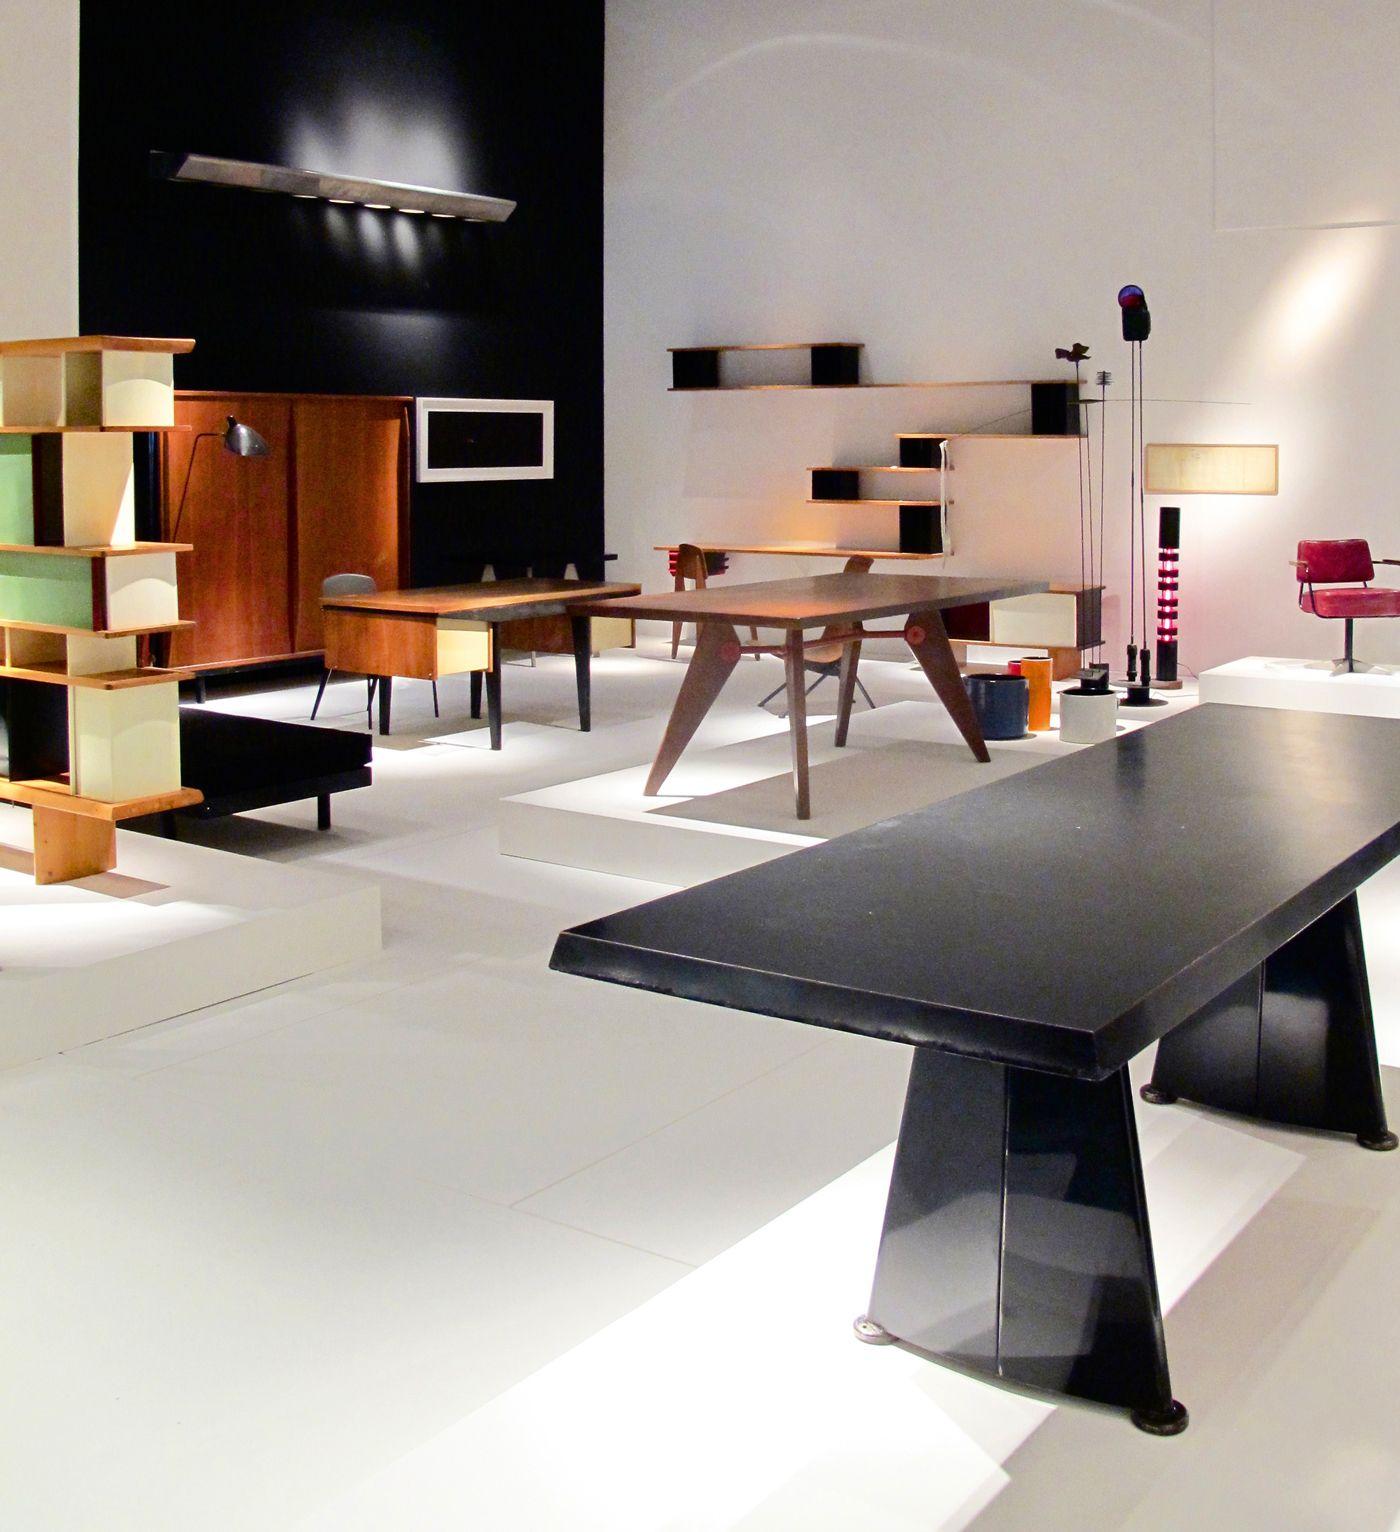 Galerie Downtown Expose Le Mobilier De Jean Prouve Mobilier Design Interieur Design Mobilier